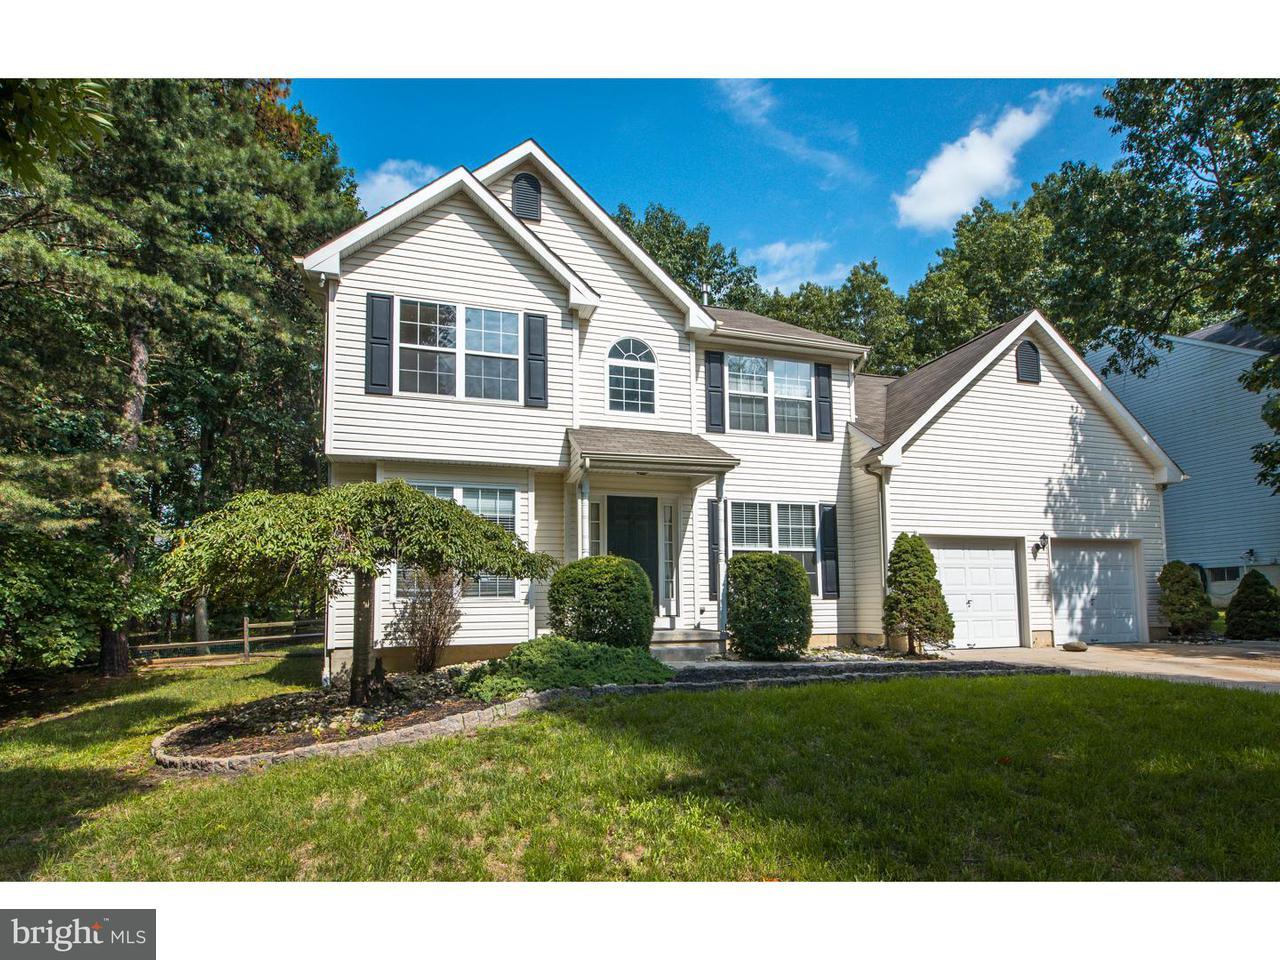 Casa Unifamiliar por un Alquiler en 27 BRITT LEA Drive Sicklerville, Nueva Jersey 08081 Estados Unidos